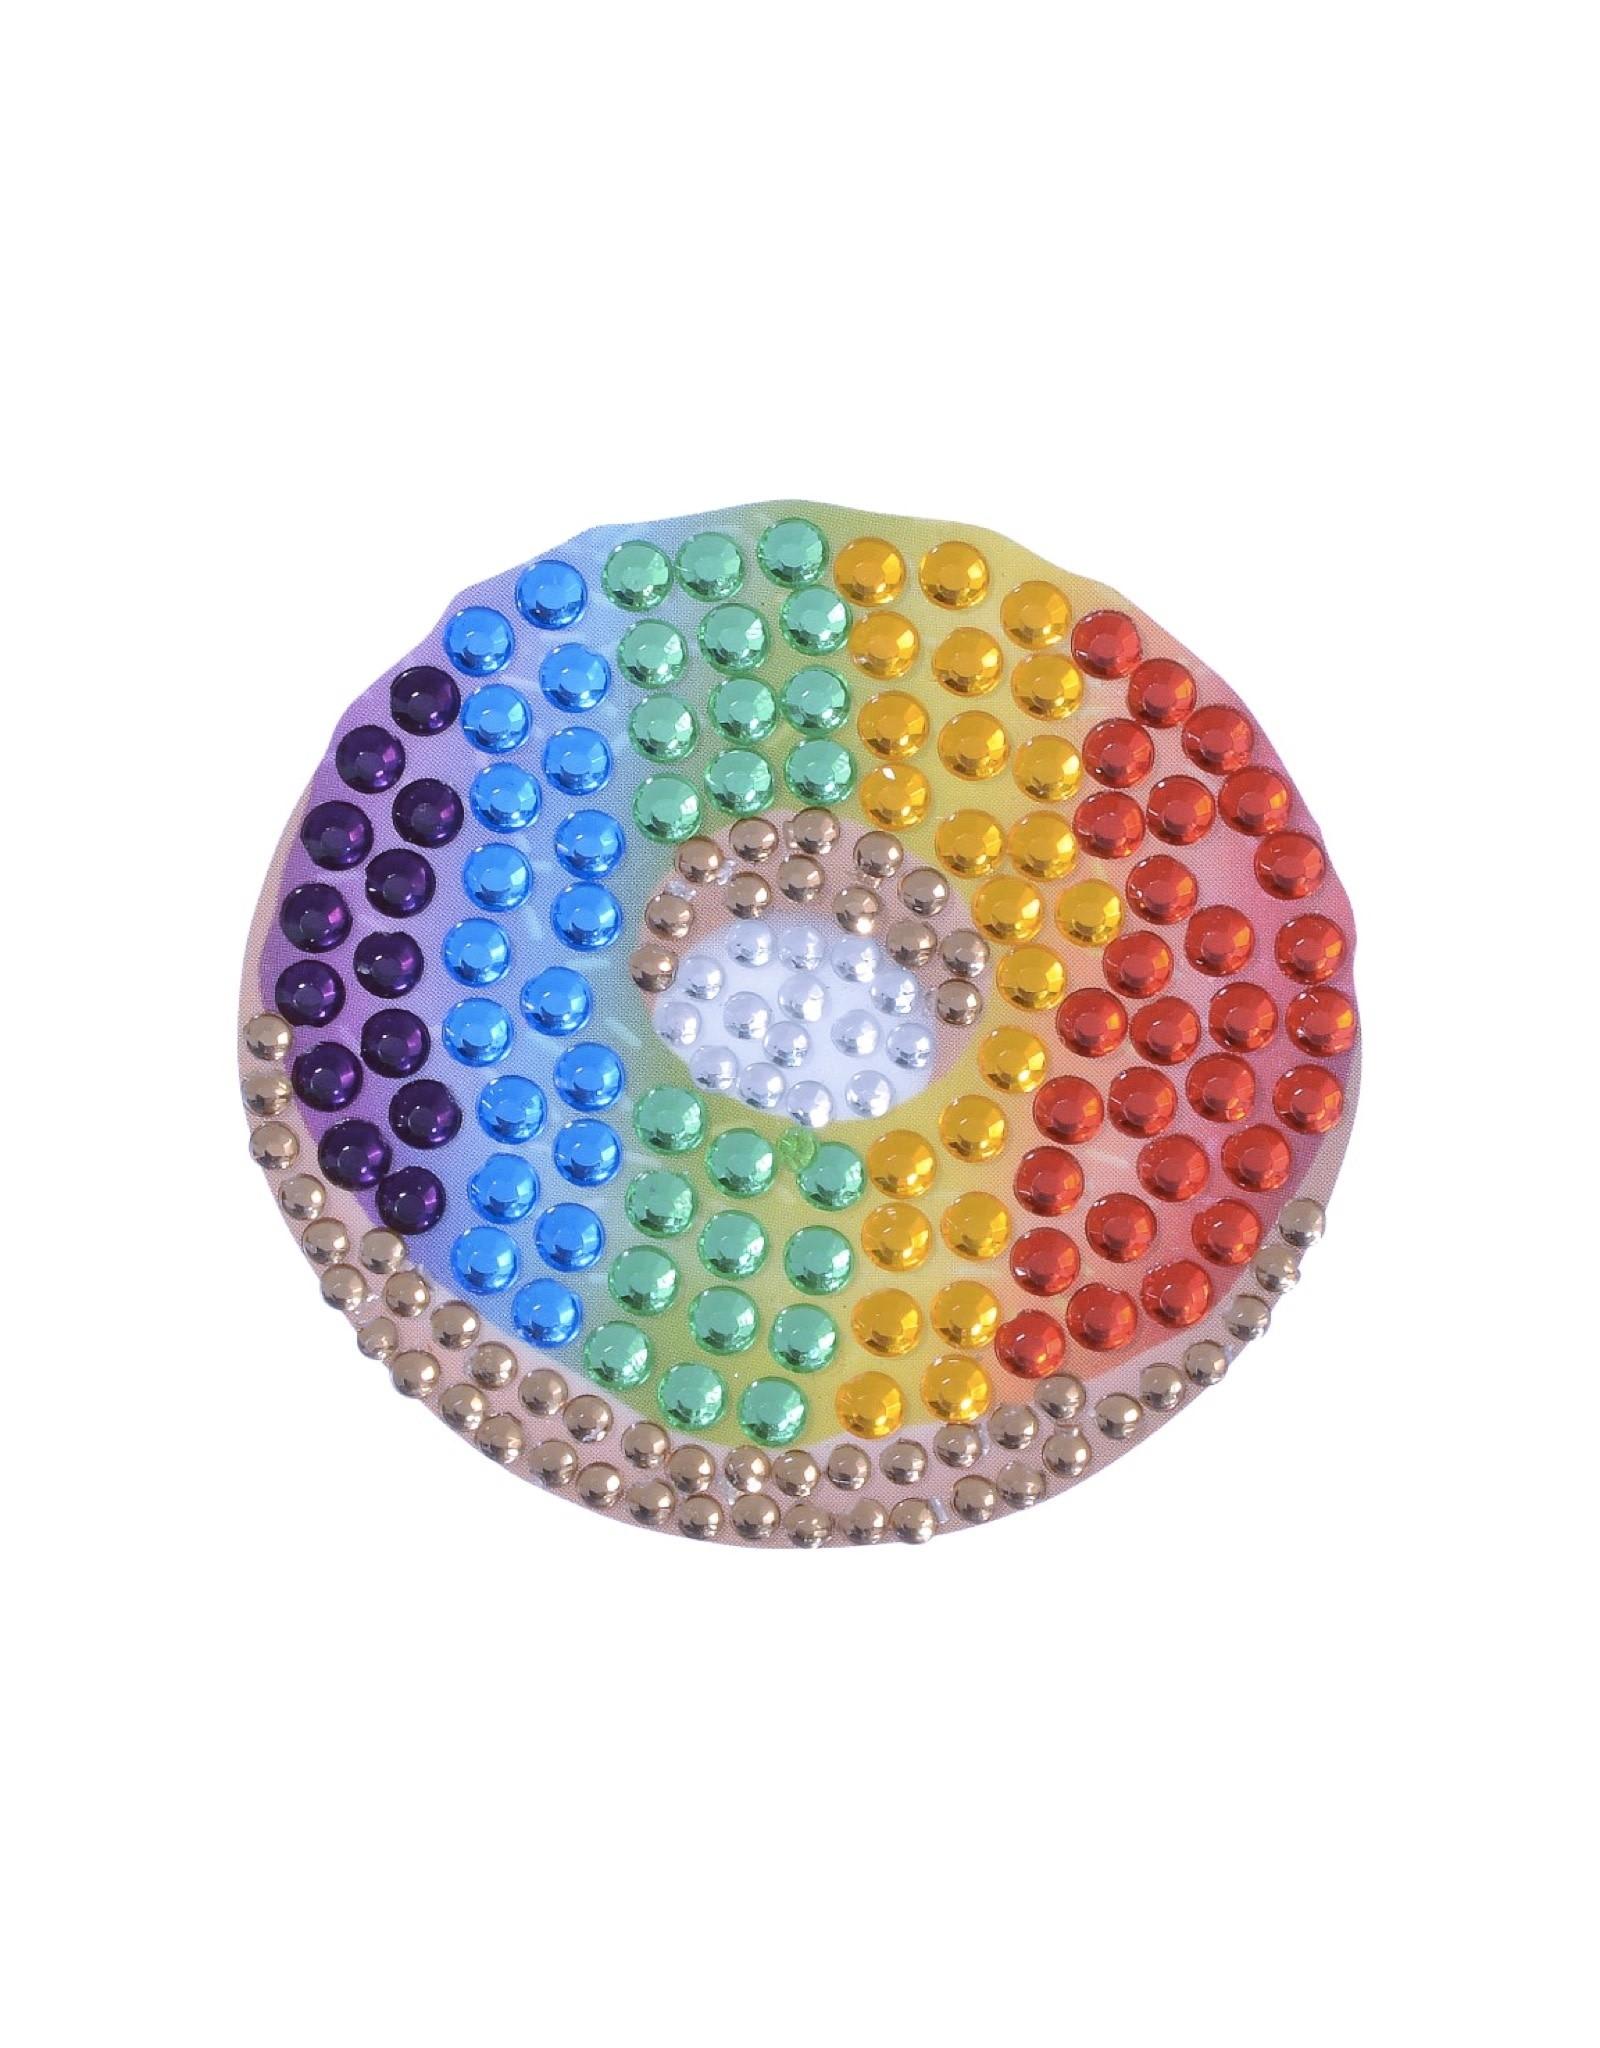 Sticker Beans Rainbow Gradient Donut